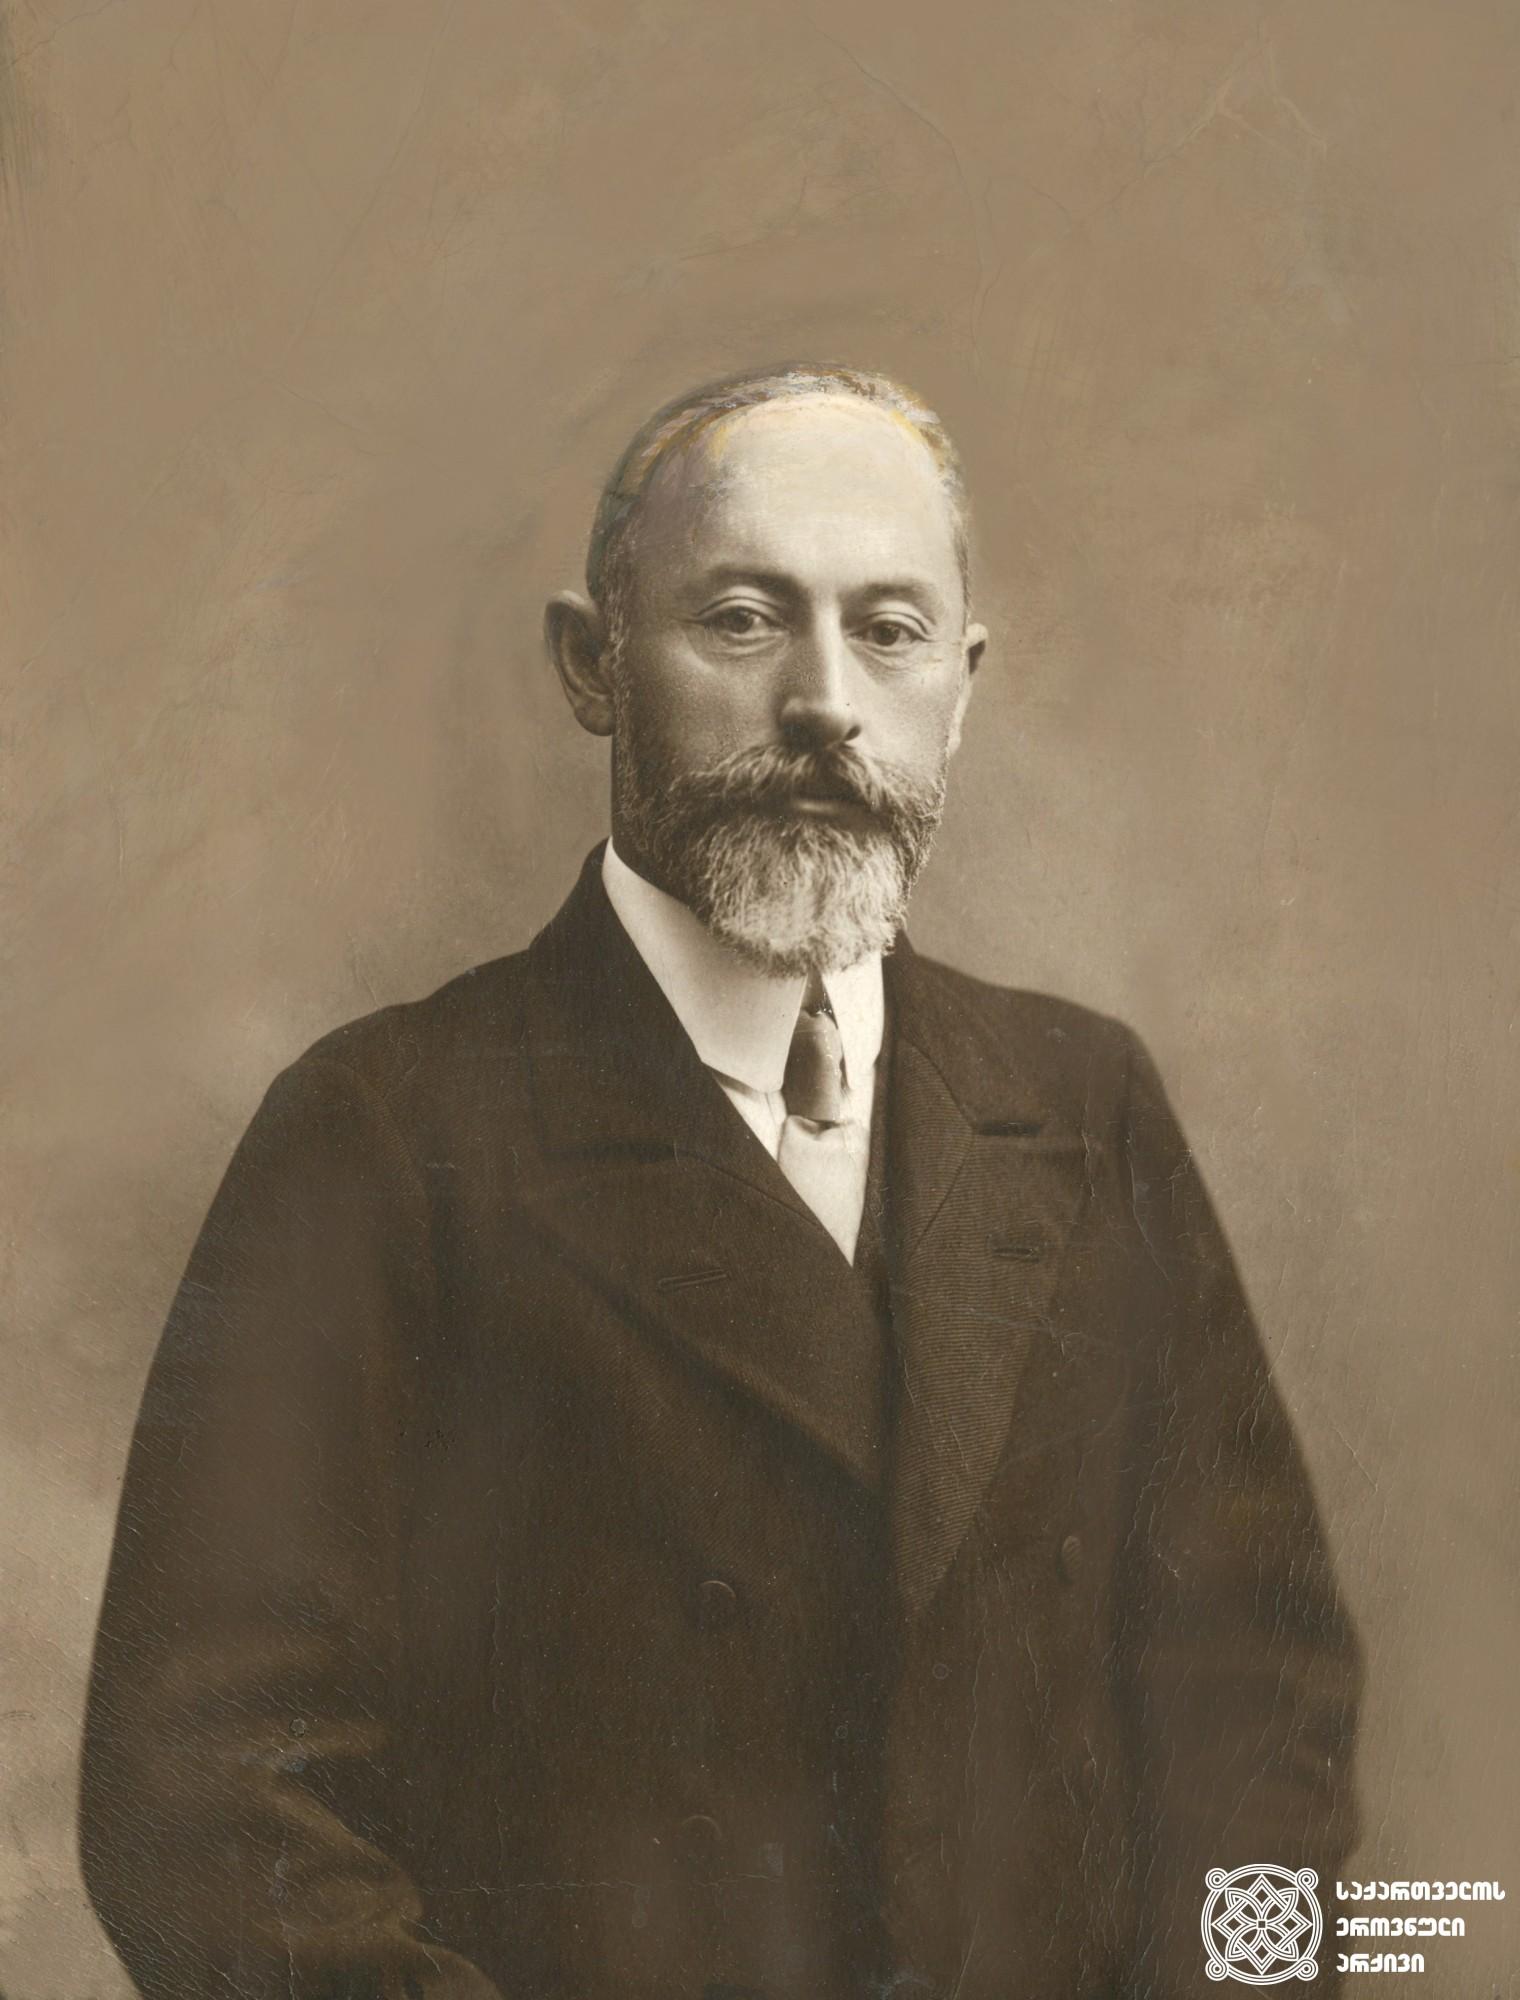 საქართველოს მთავრობის თავმჯდომარე ნოე ჟორდანია. <br> 1918-1921 წლები. <br> Noe Zhordania, the Chairman of the Government of Georgia. <br> 1918-1921.